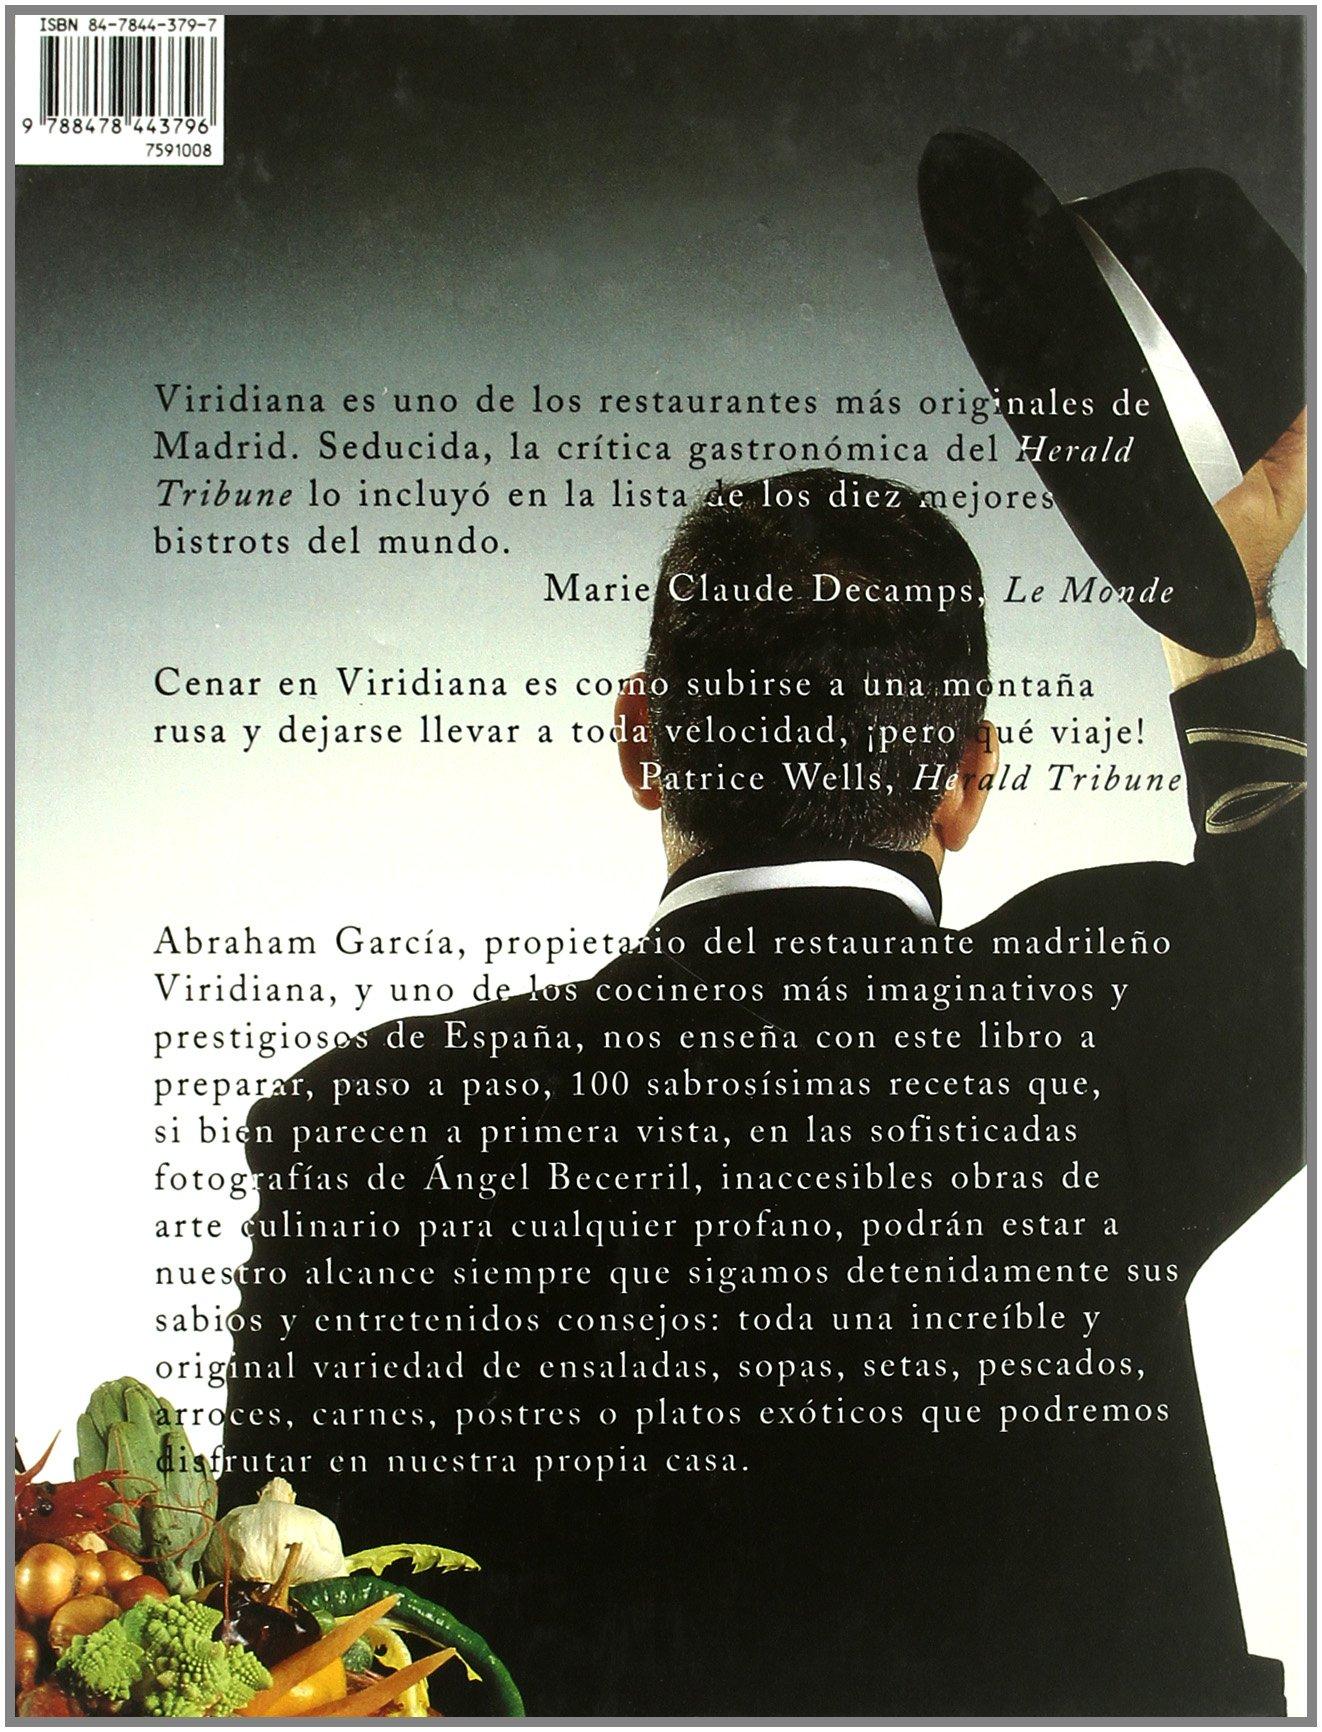 100 Recetas Para Quitarse El Sombrero  Amazon.co.uk  Abraham Garcia   9788478443796  Books 85b30acf9de